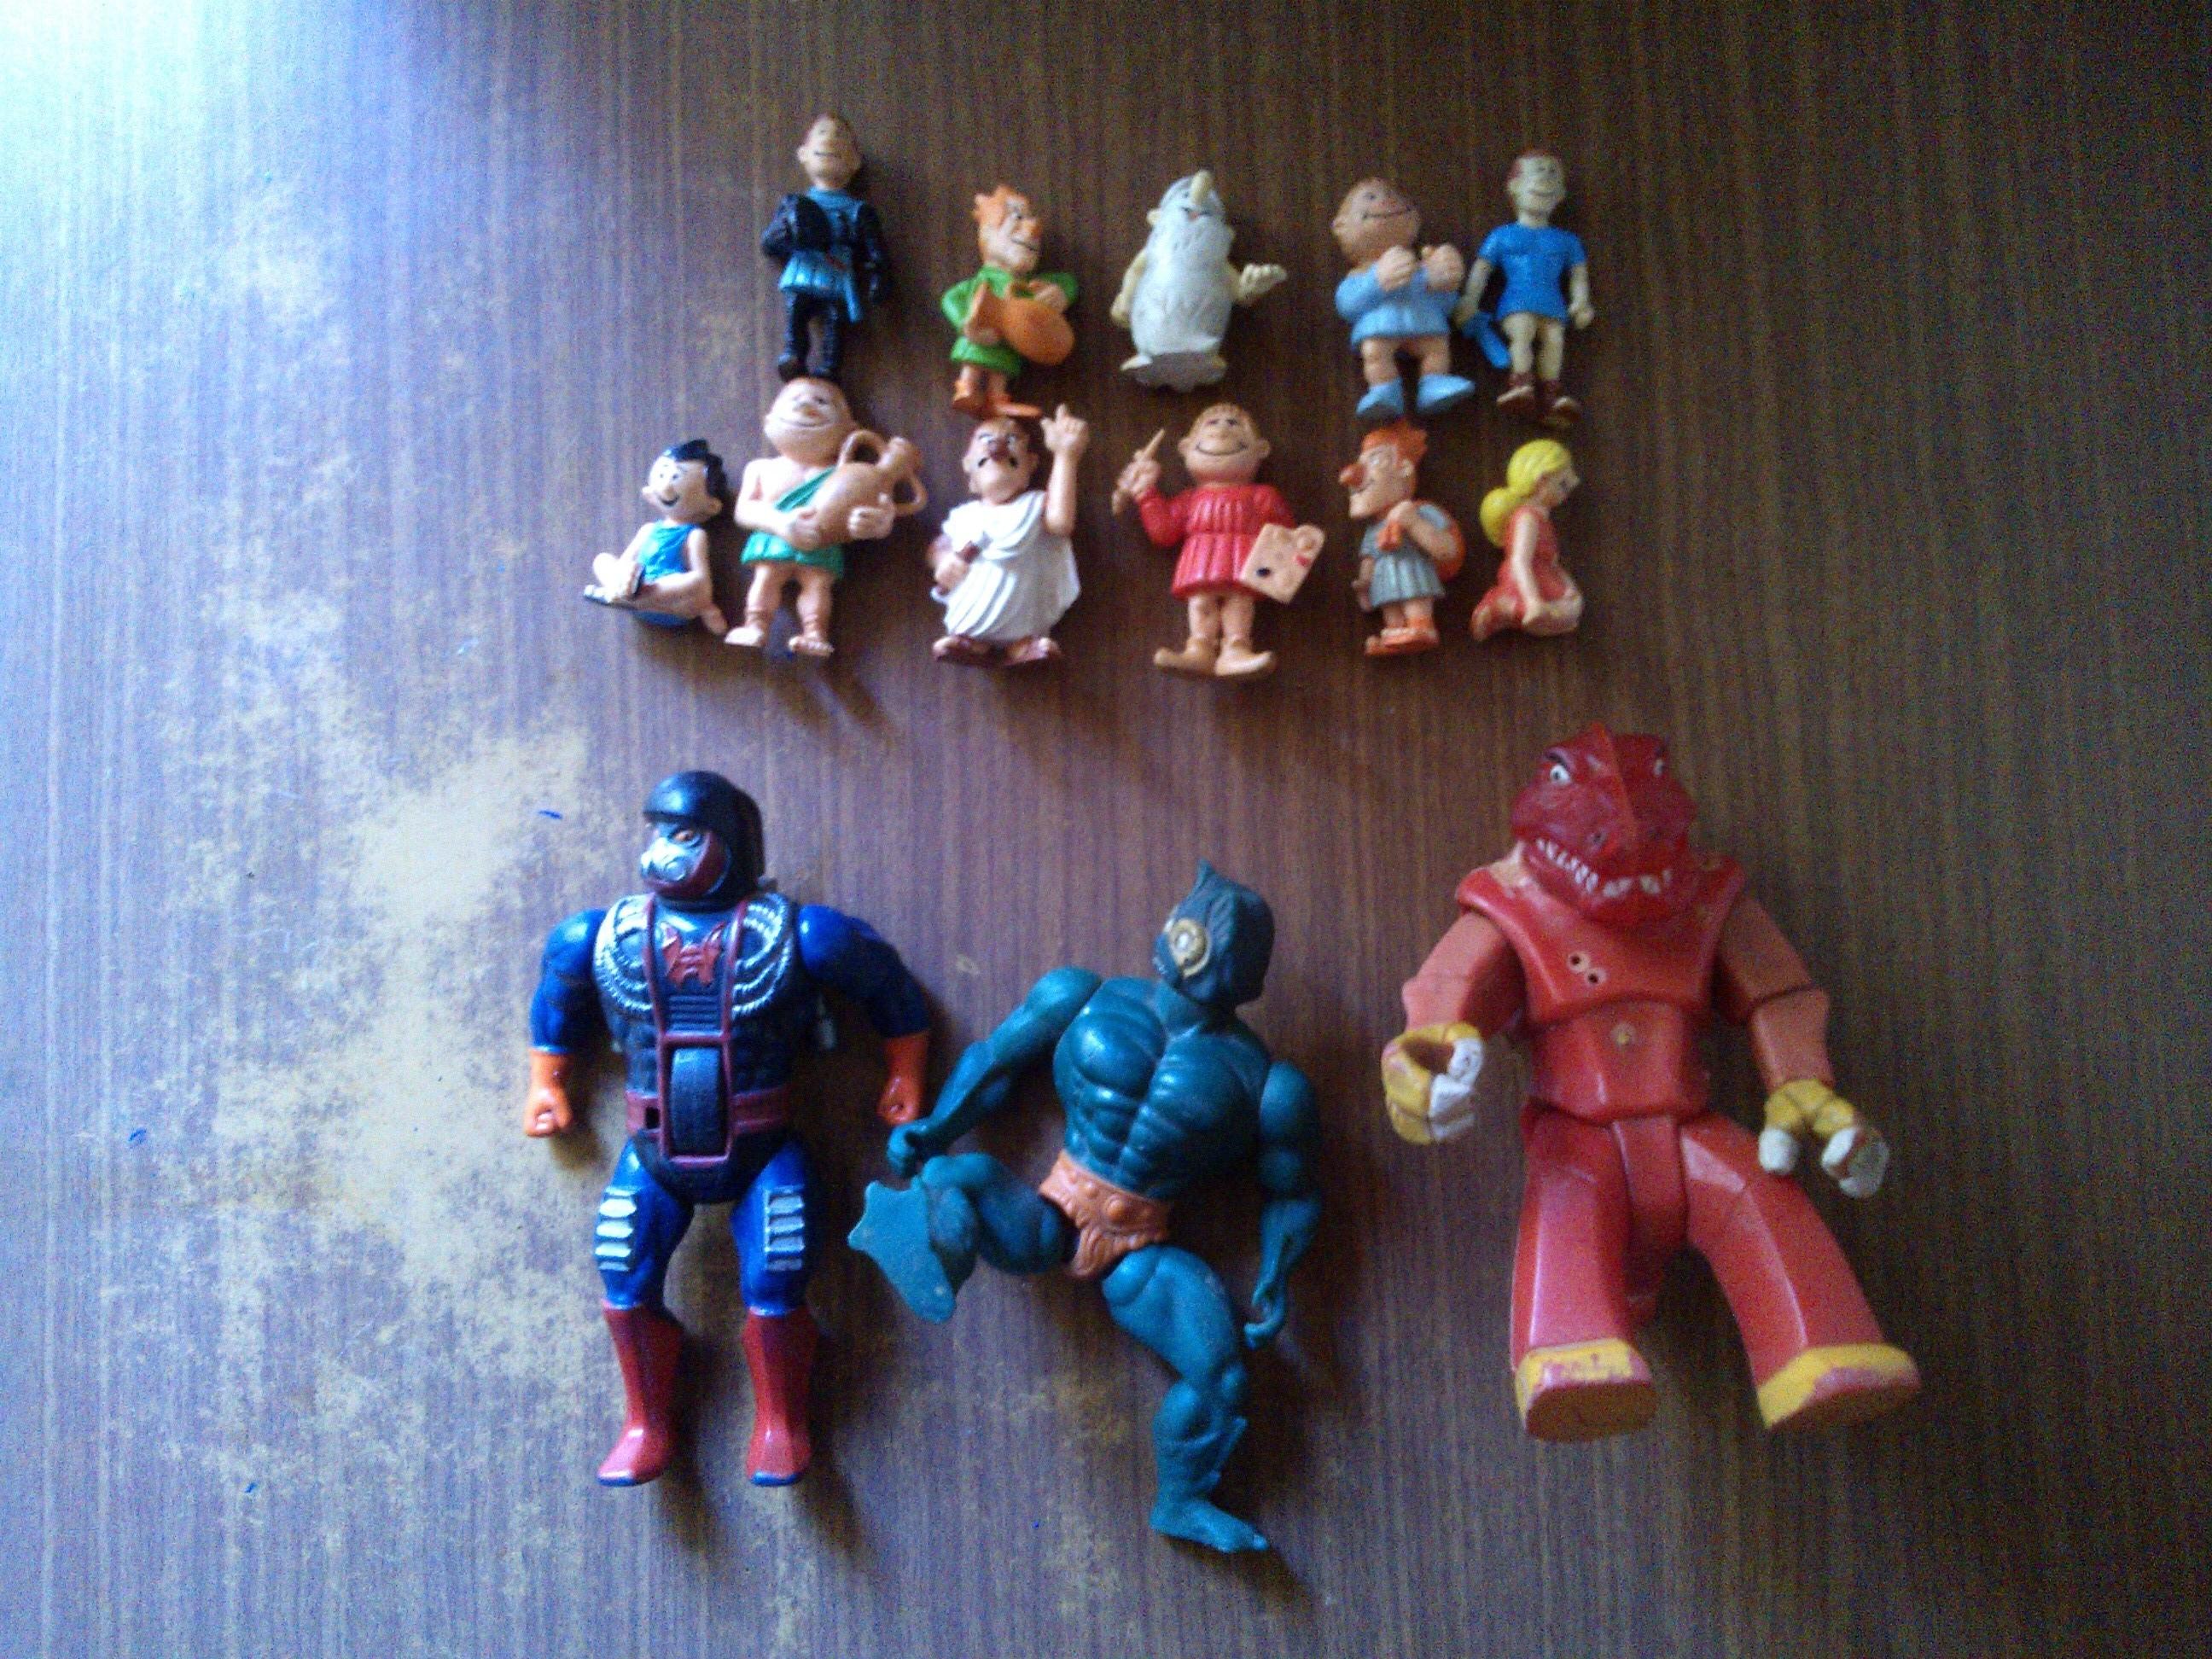 Trouvailles en Brocante, Bourse Aux jouets, Vide Greniers ... - Page 9 161022103100931001